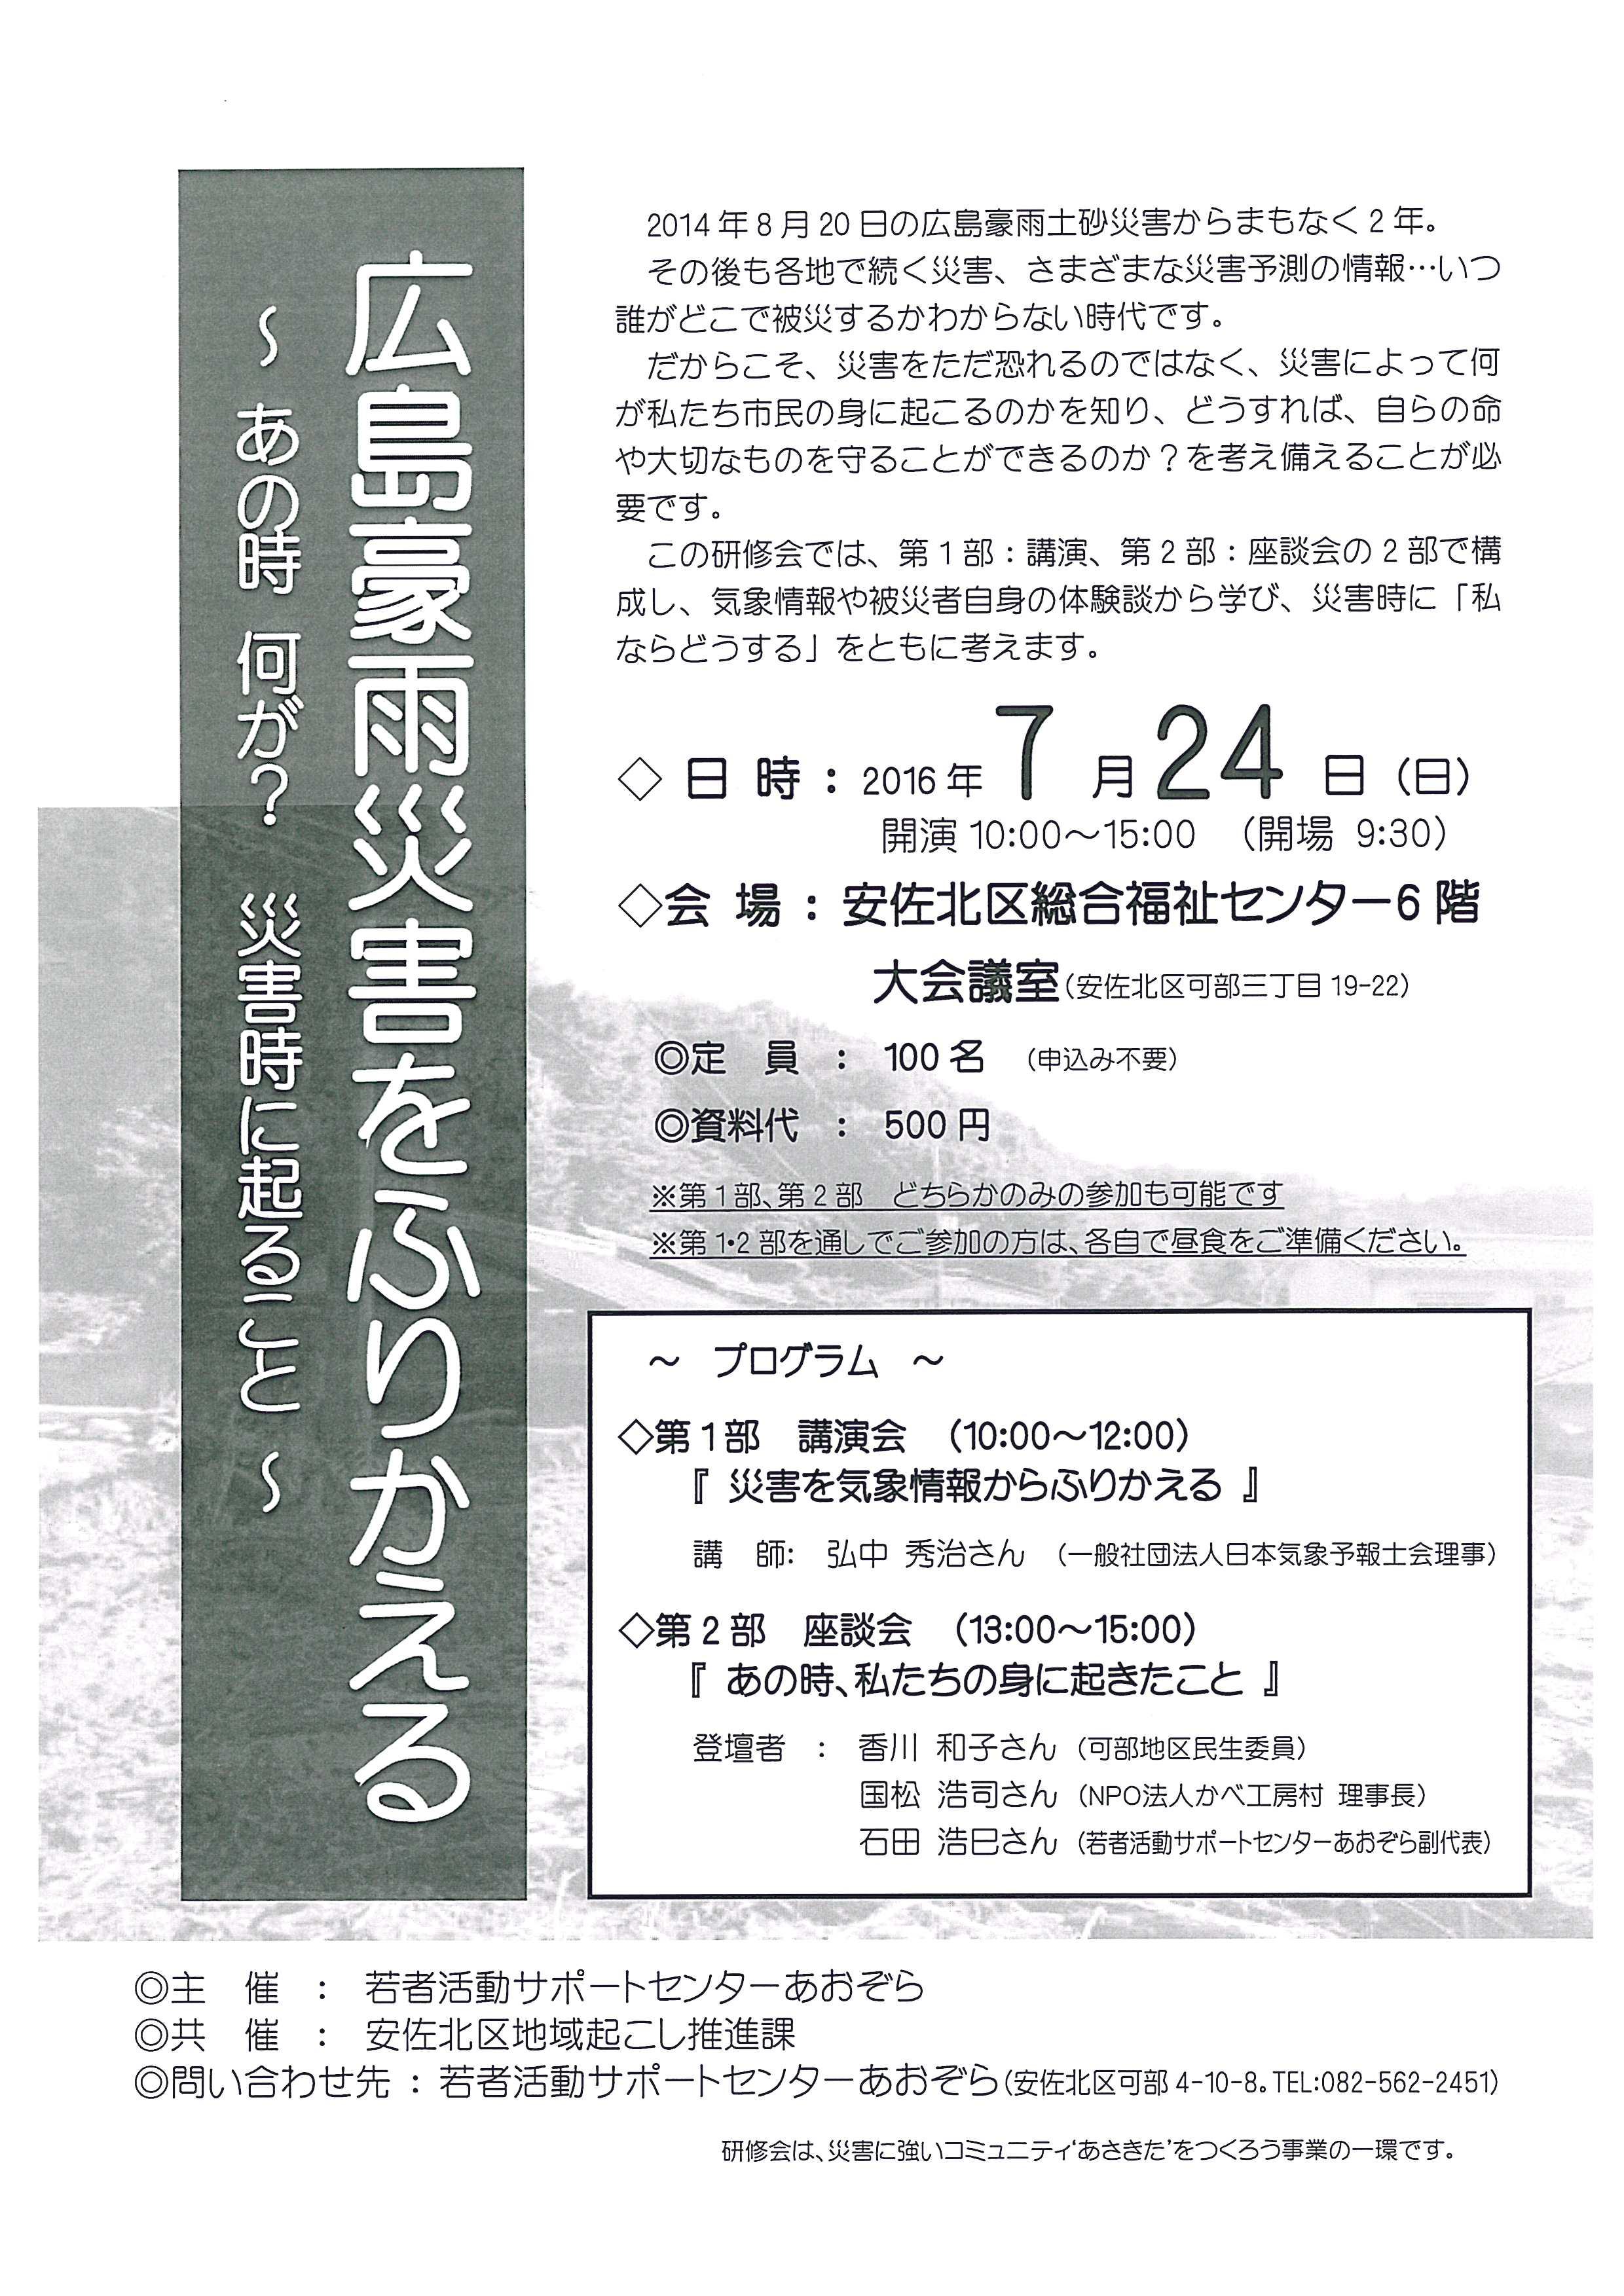 [イベント]広島豪雨災害をふりかえる~あの時 何が?災害時に起きること~